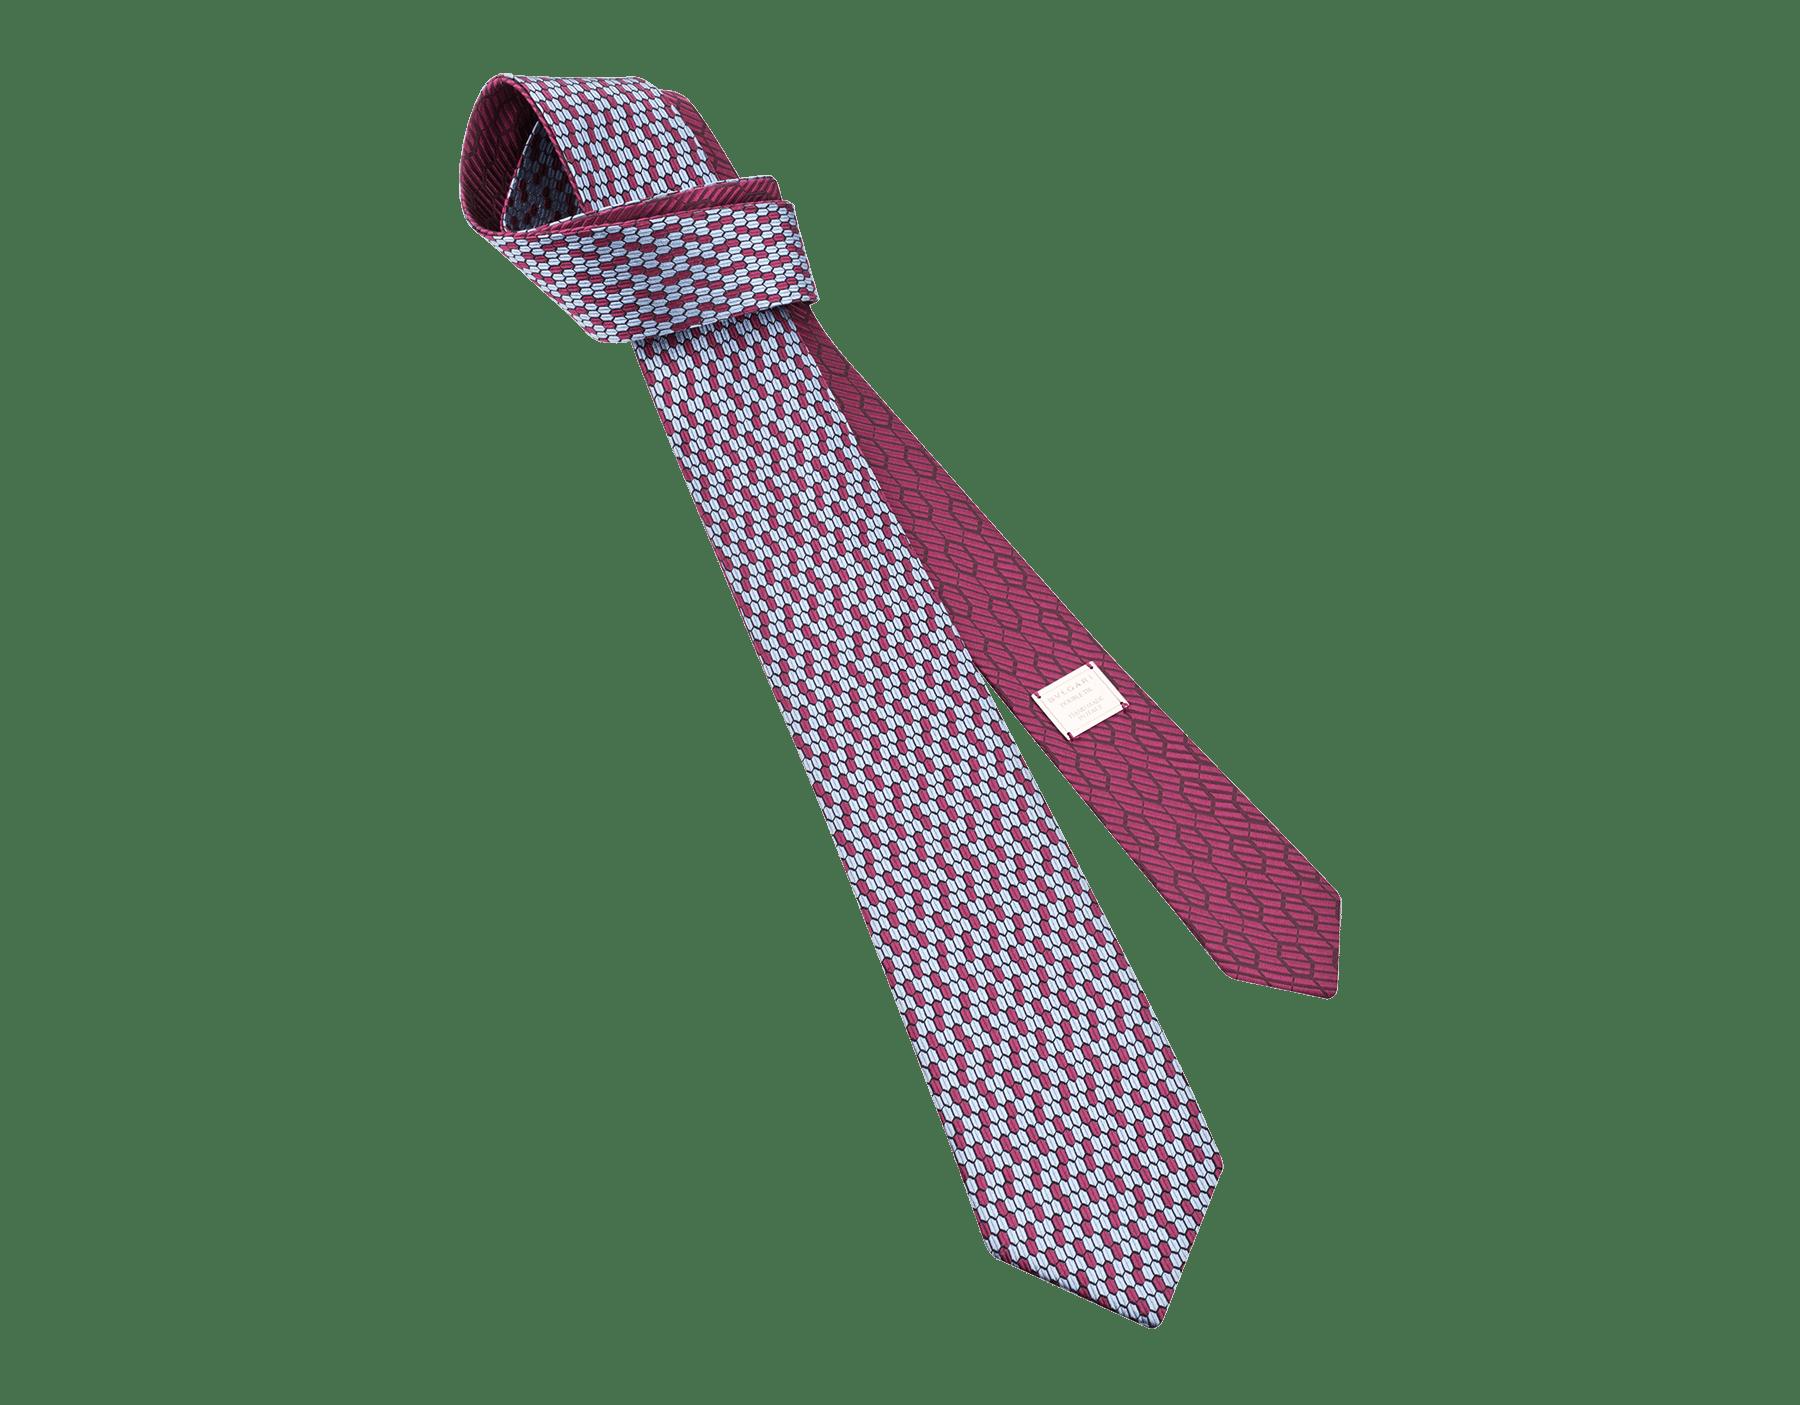 ネイビーのダブル マルチスケール ネクタイ。上質なジャカードシルク製。 DoubleMultiScalesa image 1